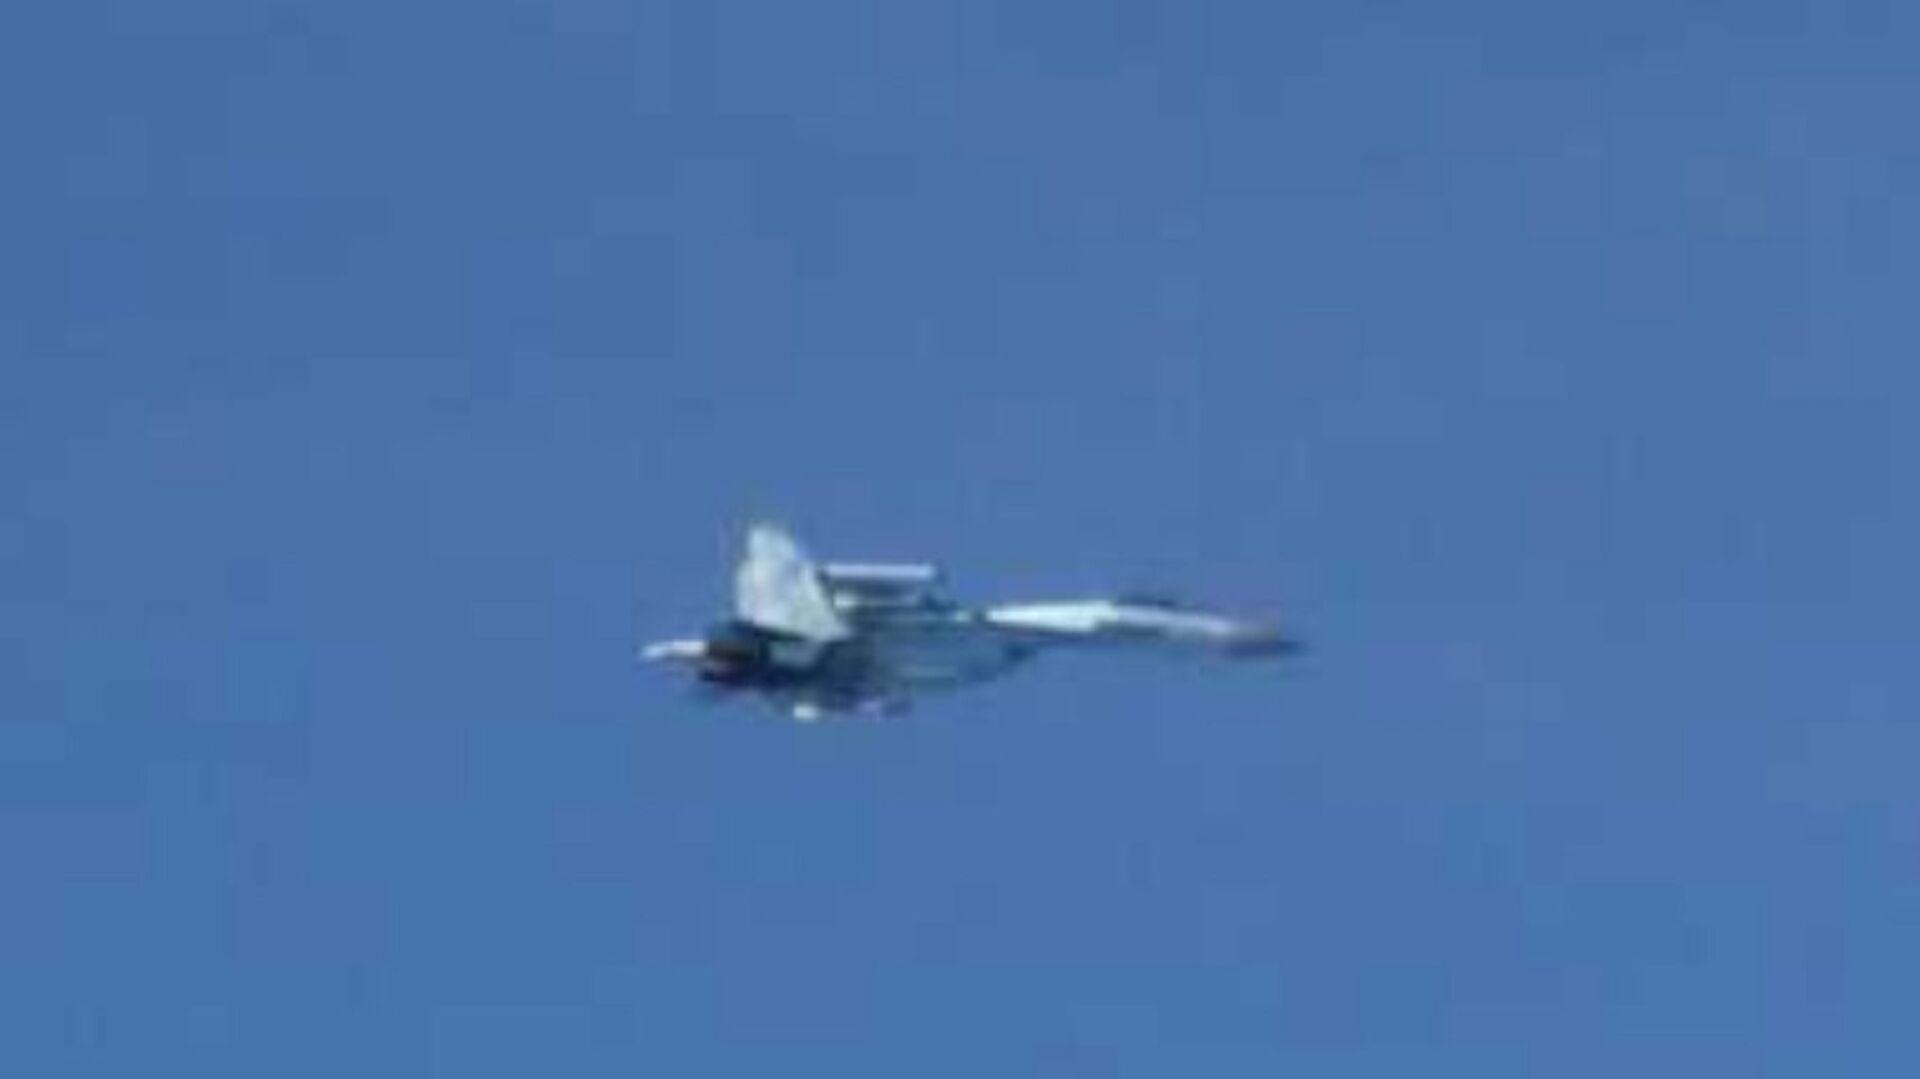 Истребитель Су-27 над Японским морем. 19 сентября 2018 - РИА Новости, 1920, 28.11.2020